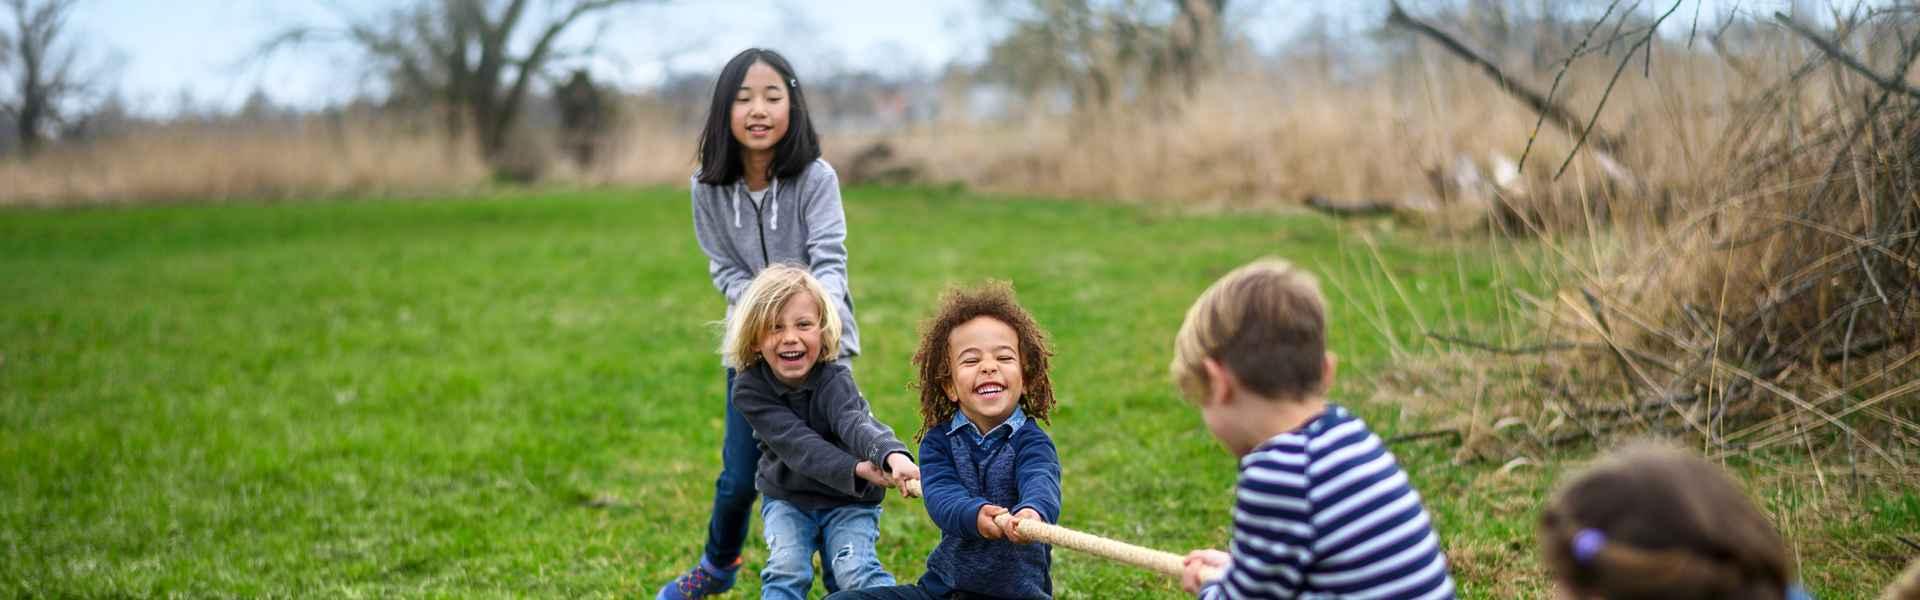 Imagefoto mit dem LEDRO GTX MID JUNIOR, LOWA Kids Kampagne 2019